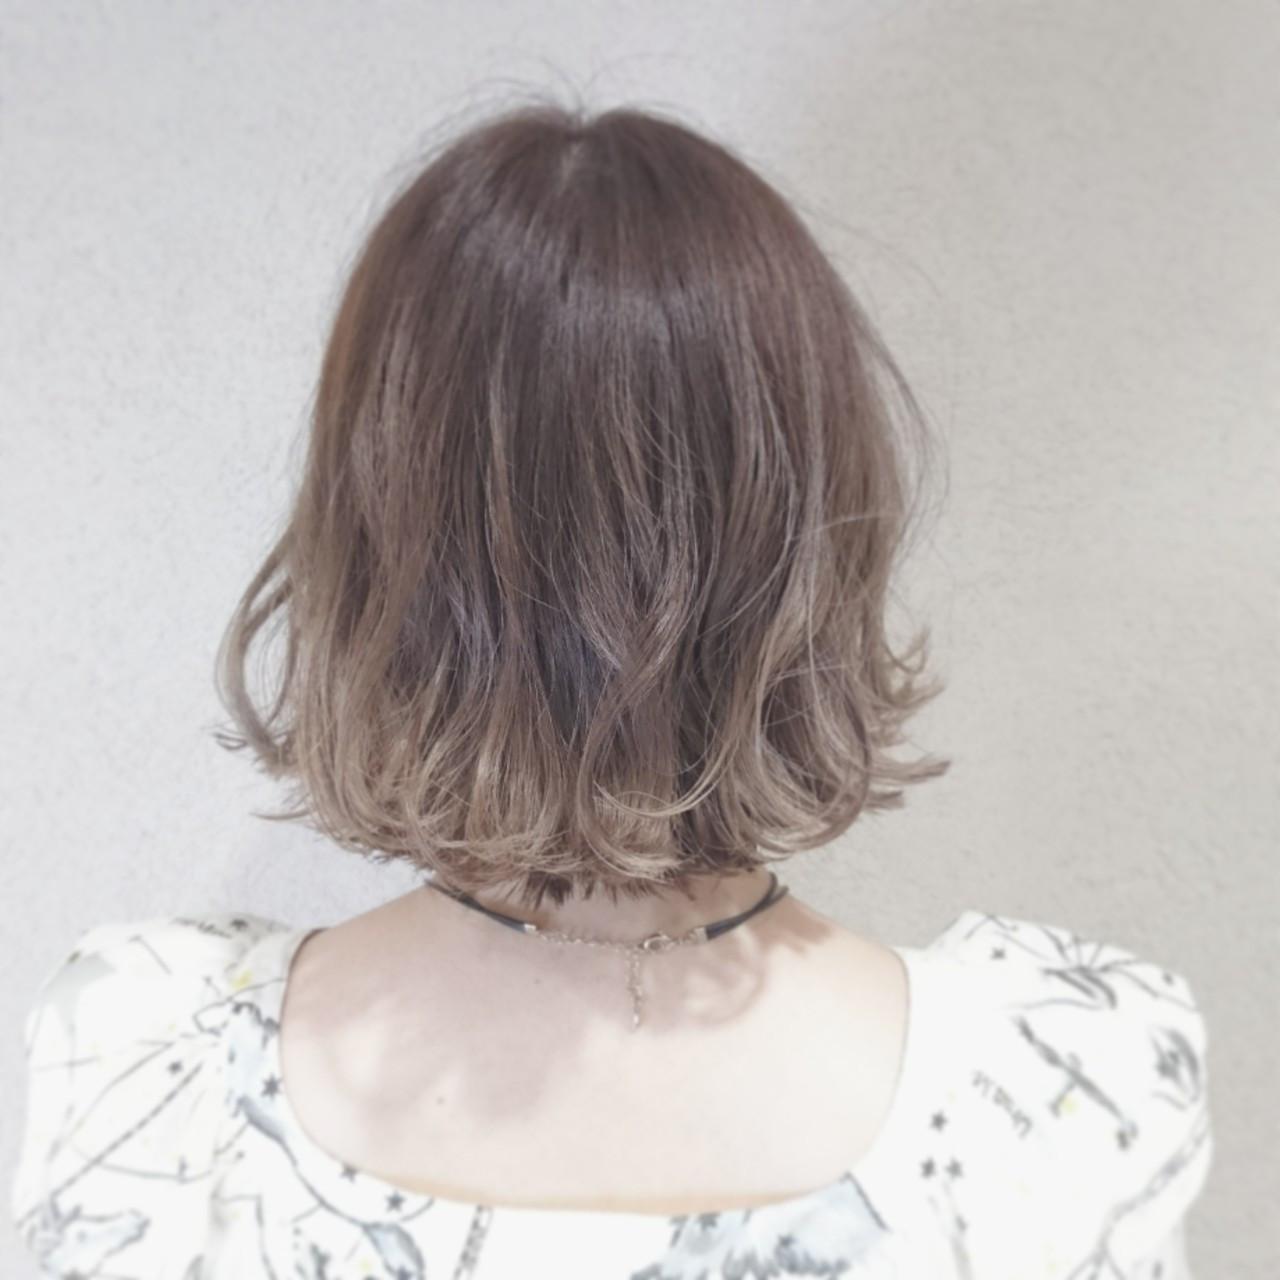 透明感 ボブ 外ハネ アッシュベージュ ヘアスタイルや髪型の写真・画像